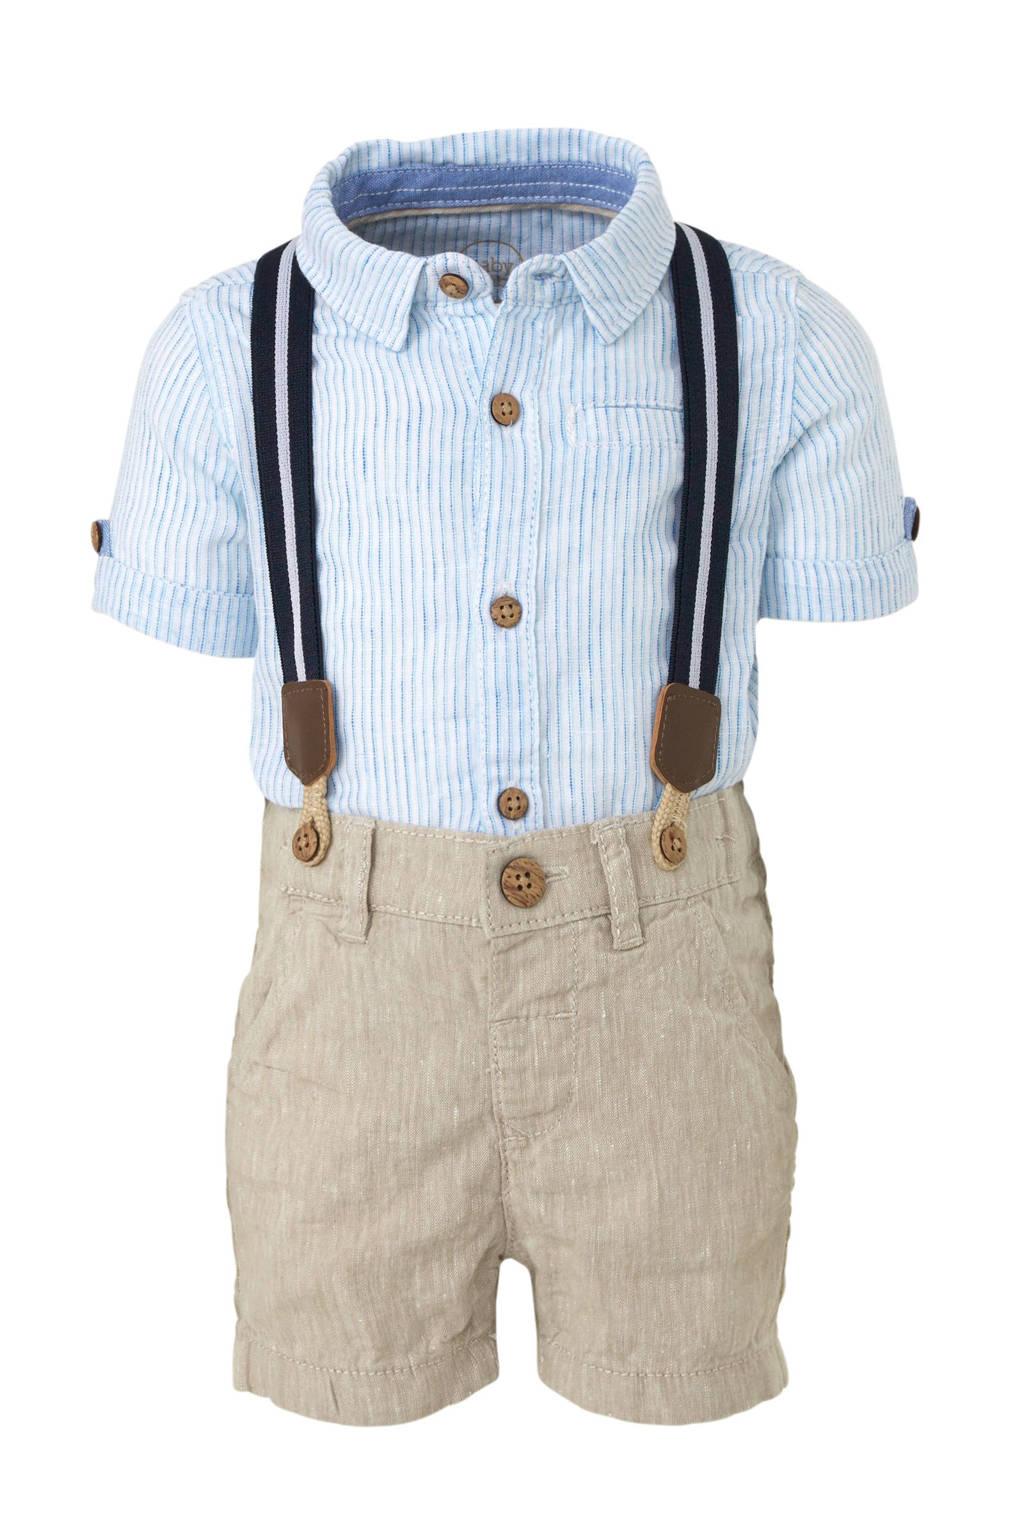 C&A Baby Club gestreept overhemd + short, Lichtblauw/wit/beige